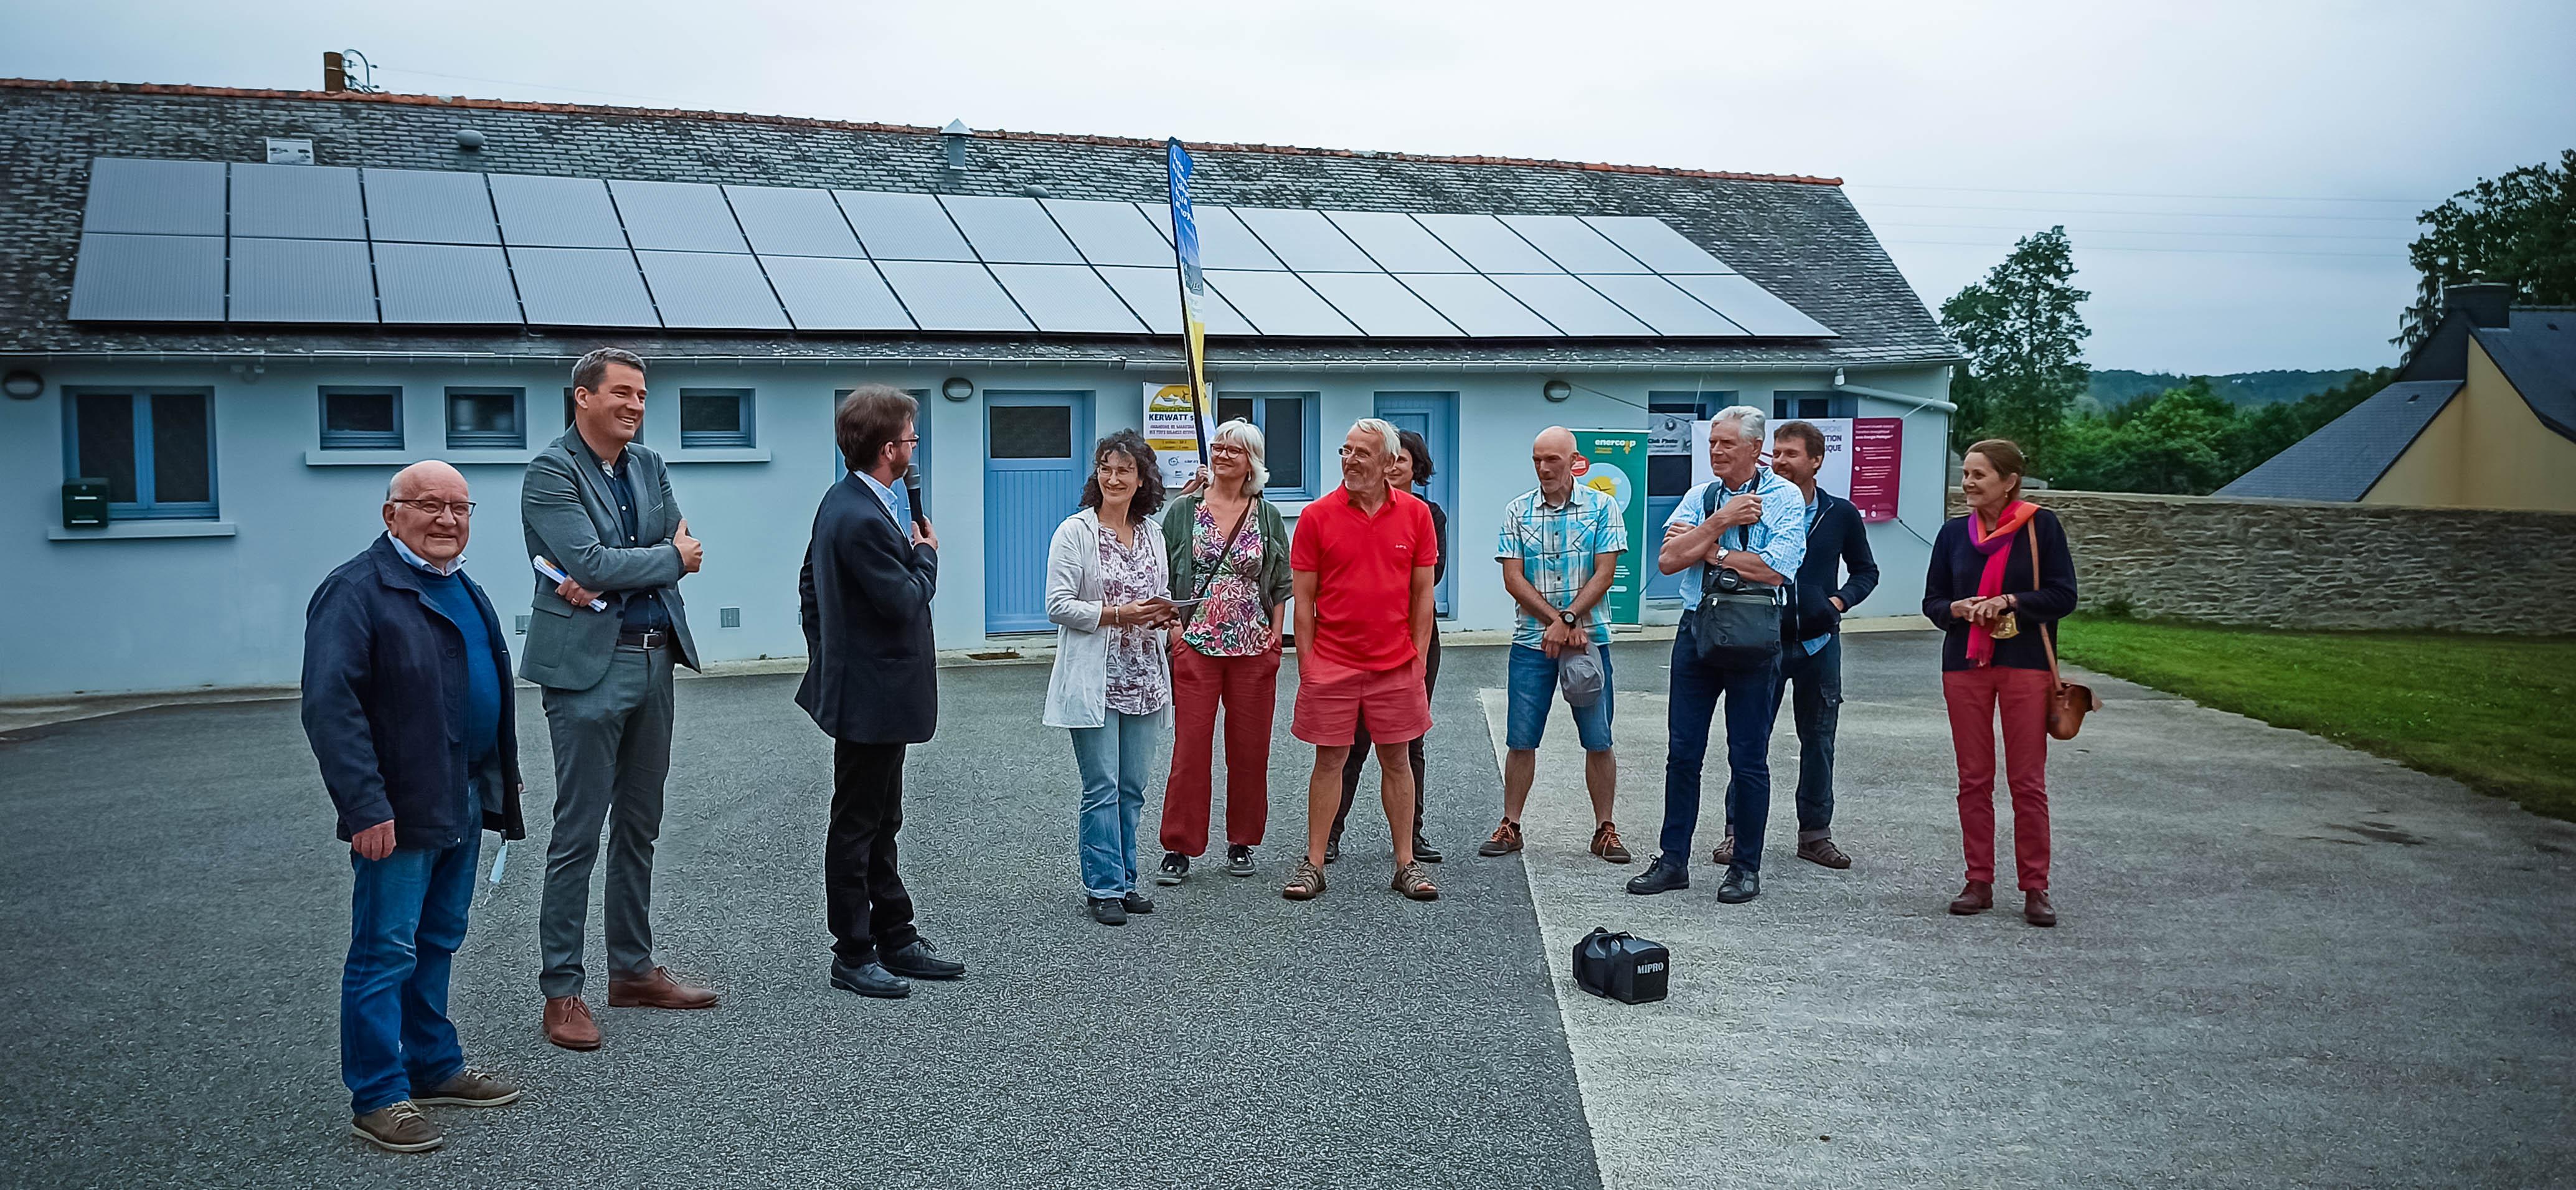 Inauguration des panneaux solaires